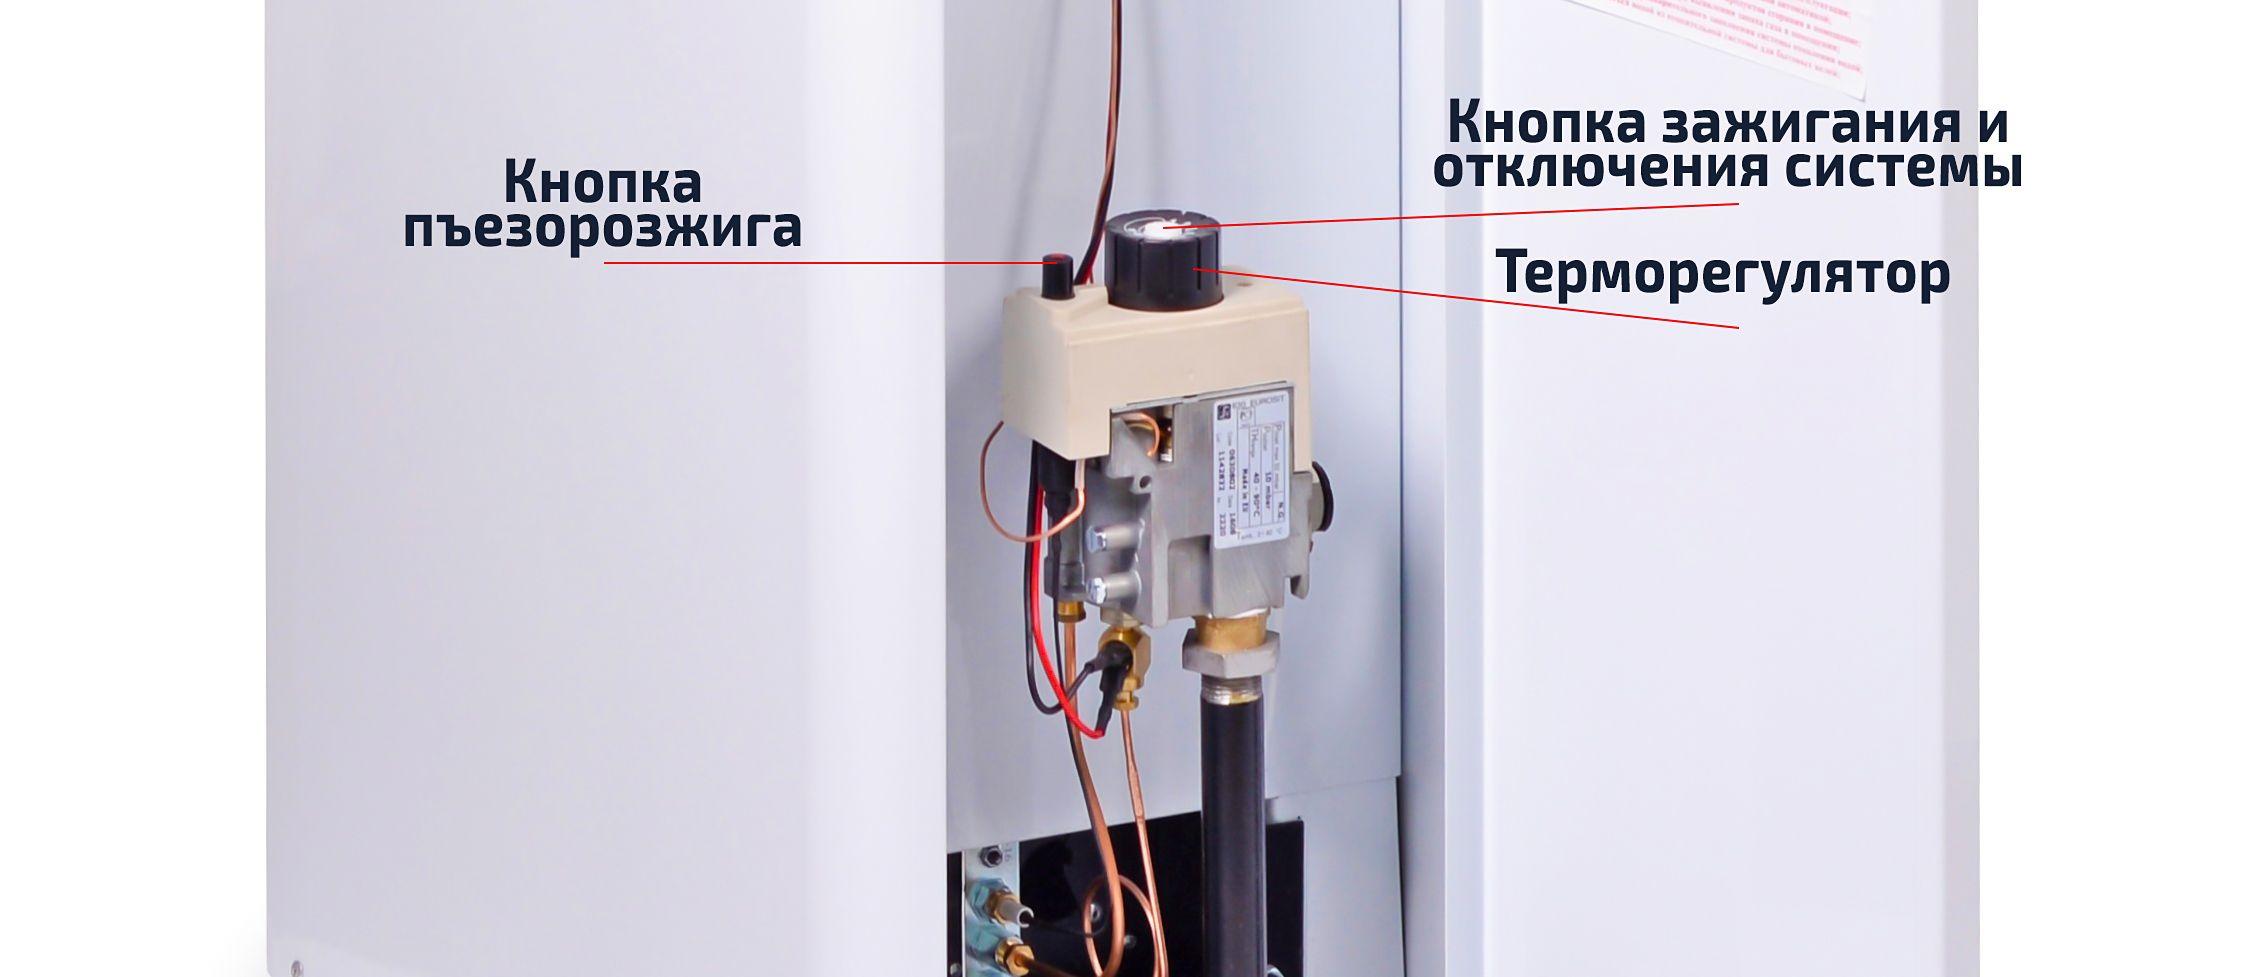 Инструкция по запуску газового котла Данко